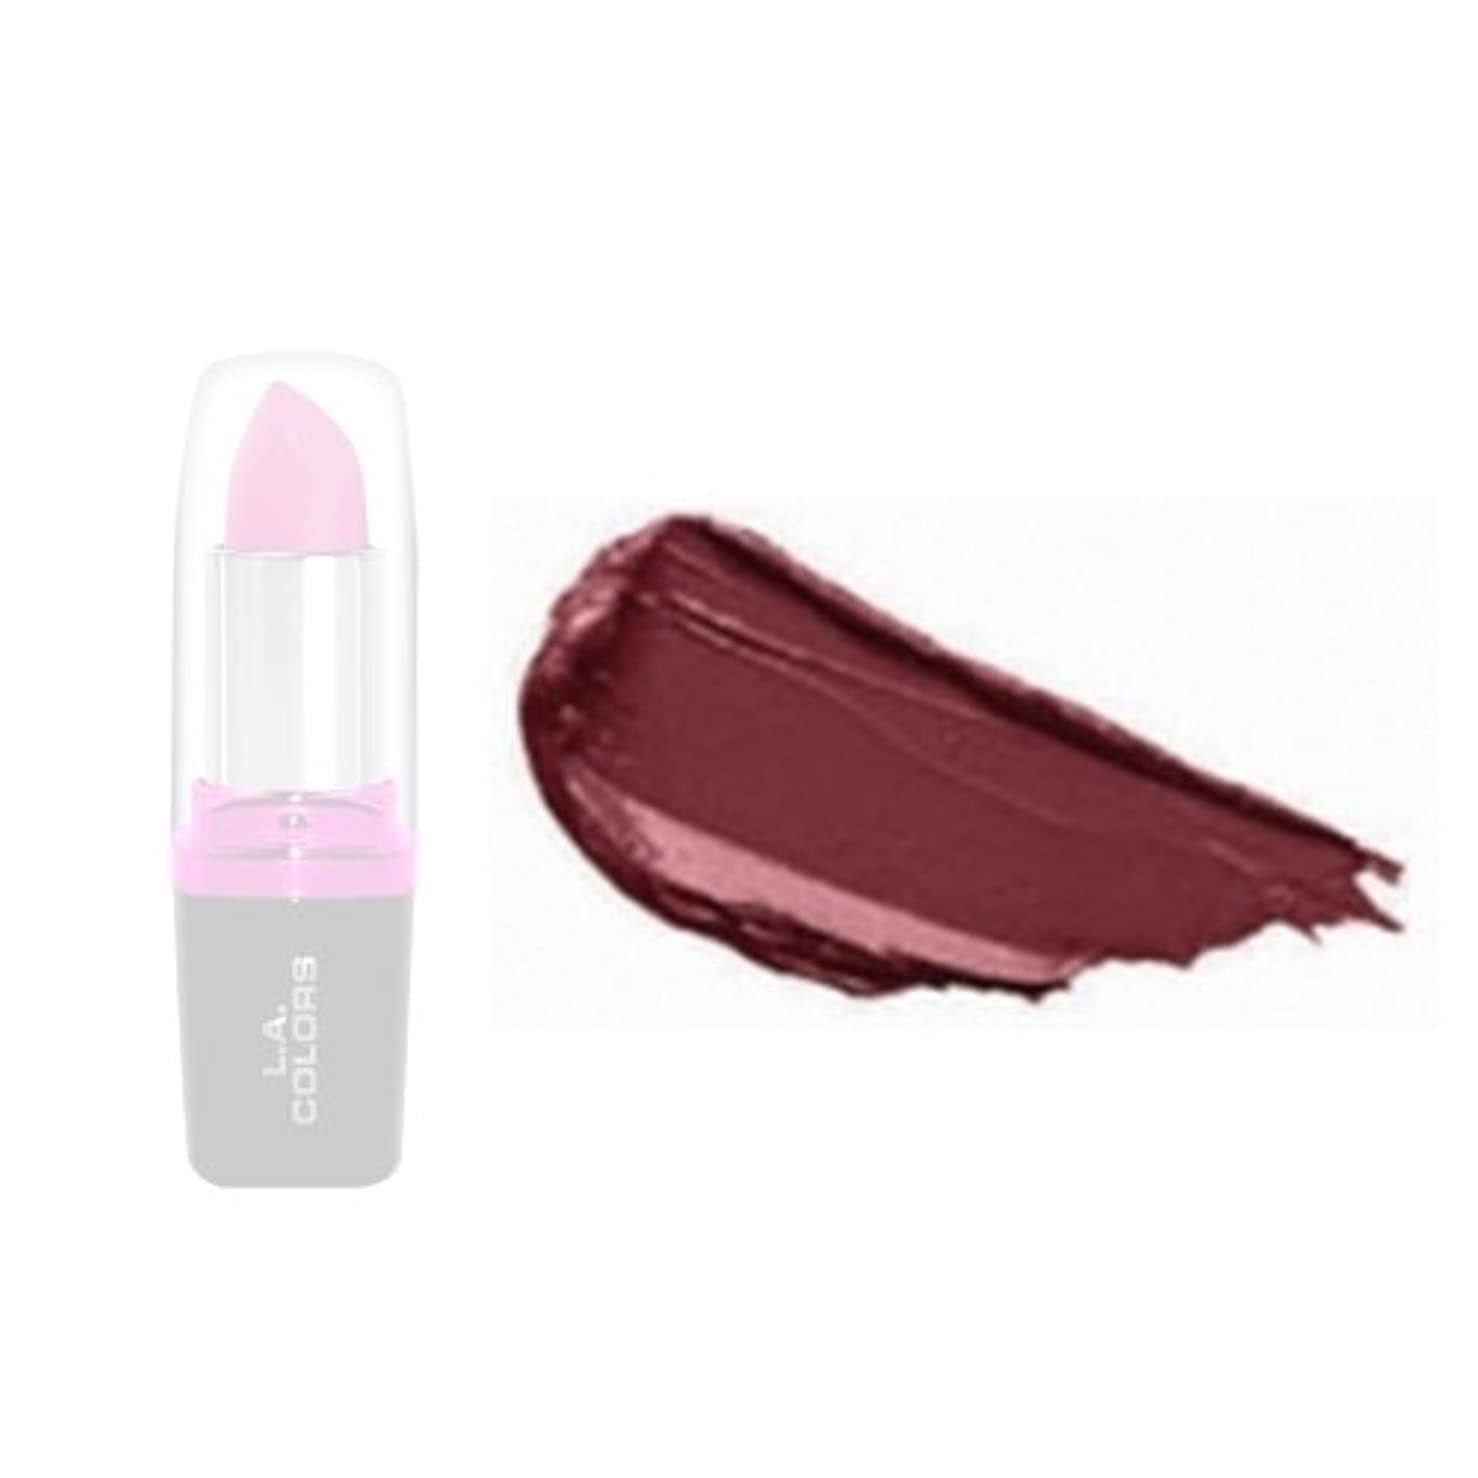 解体する告発それにもかかわらずLA Colors Hydrating Lipstick - Bordeaux (並行輸入品)